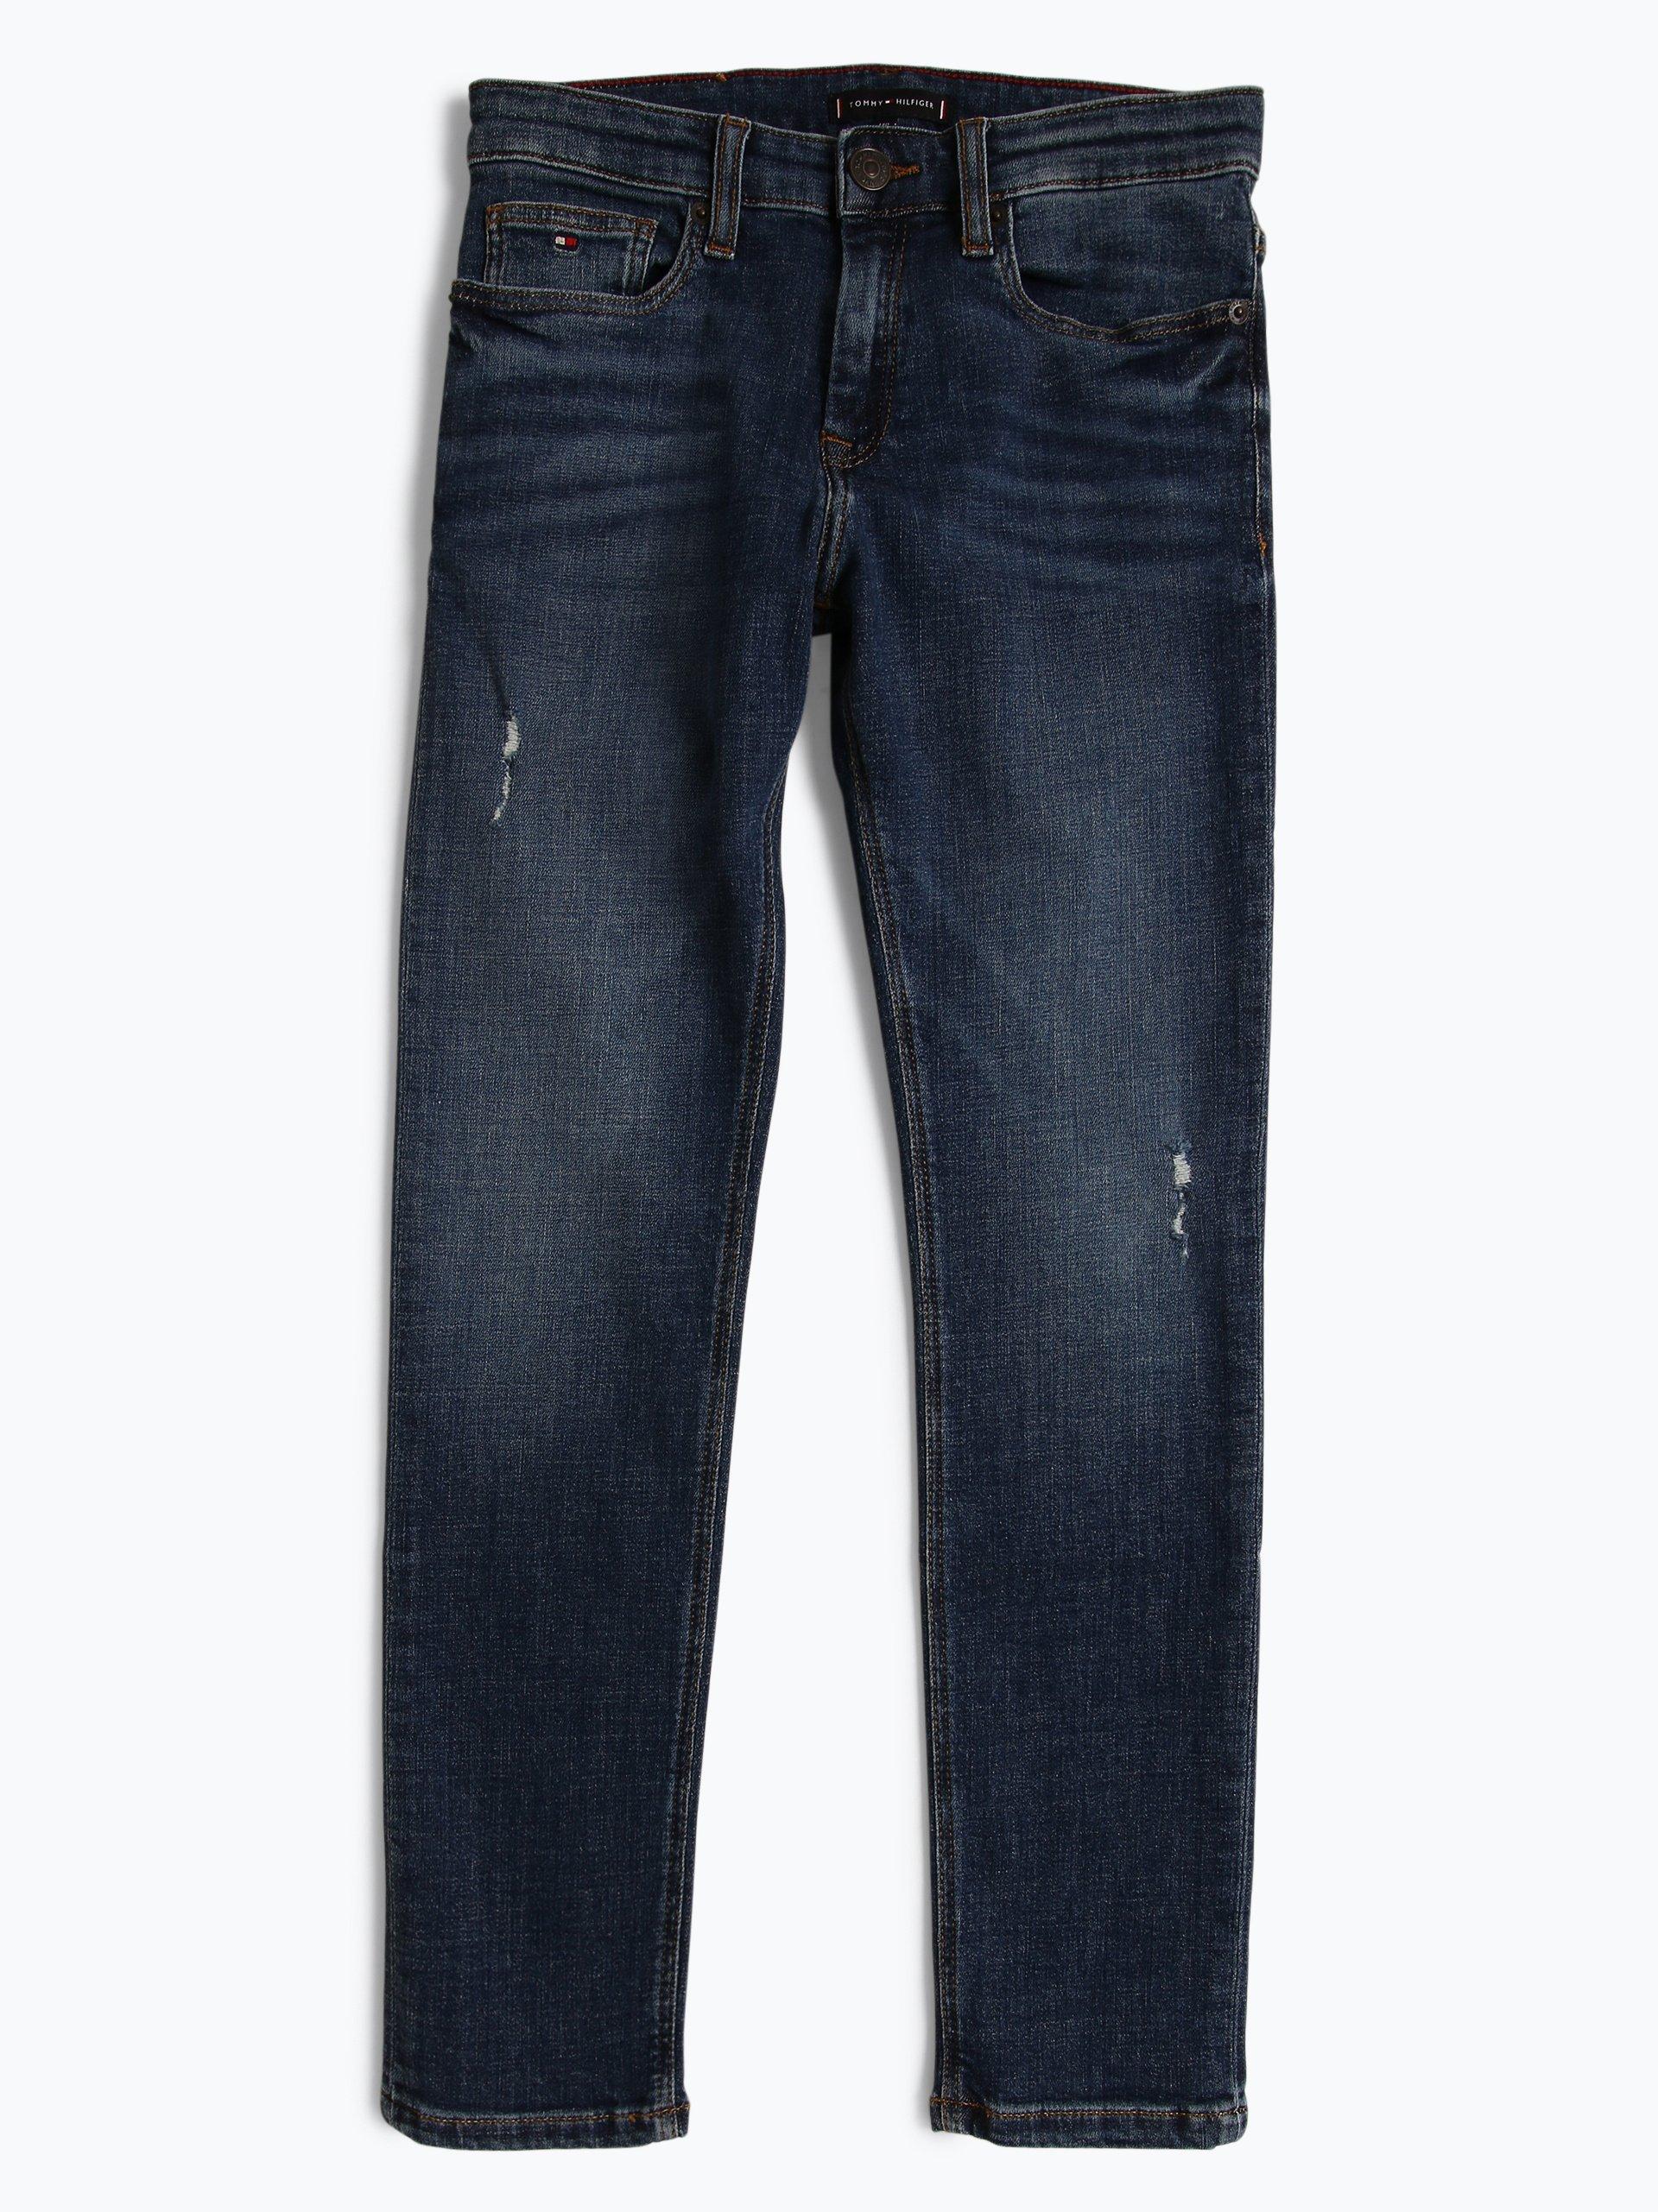 Tommy Hilfiger Jungen Jeans Slim Fit - Steve